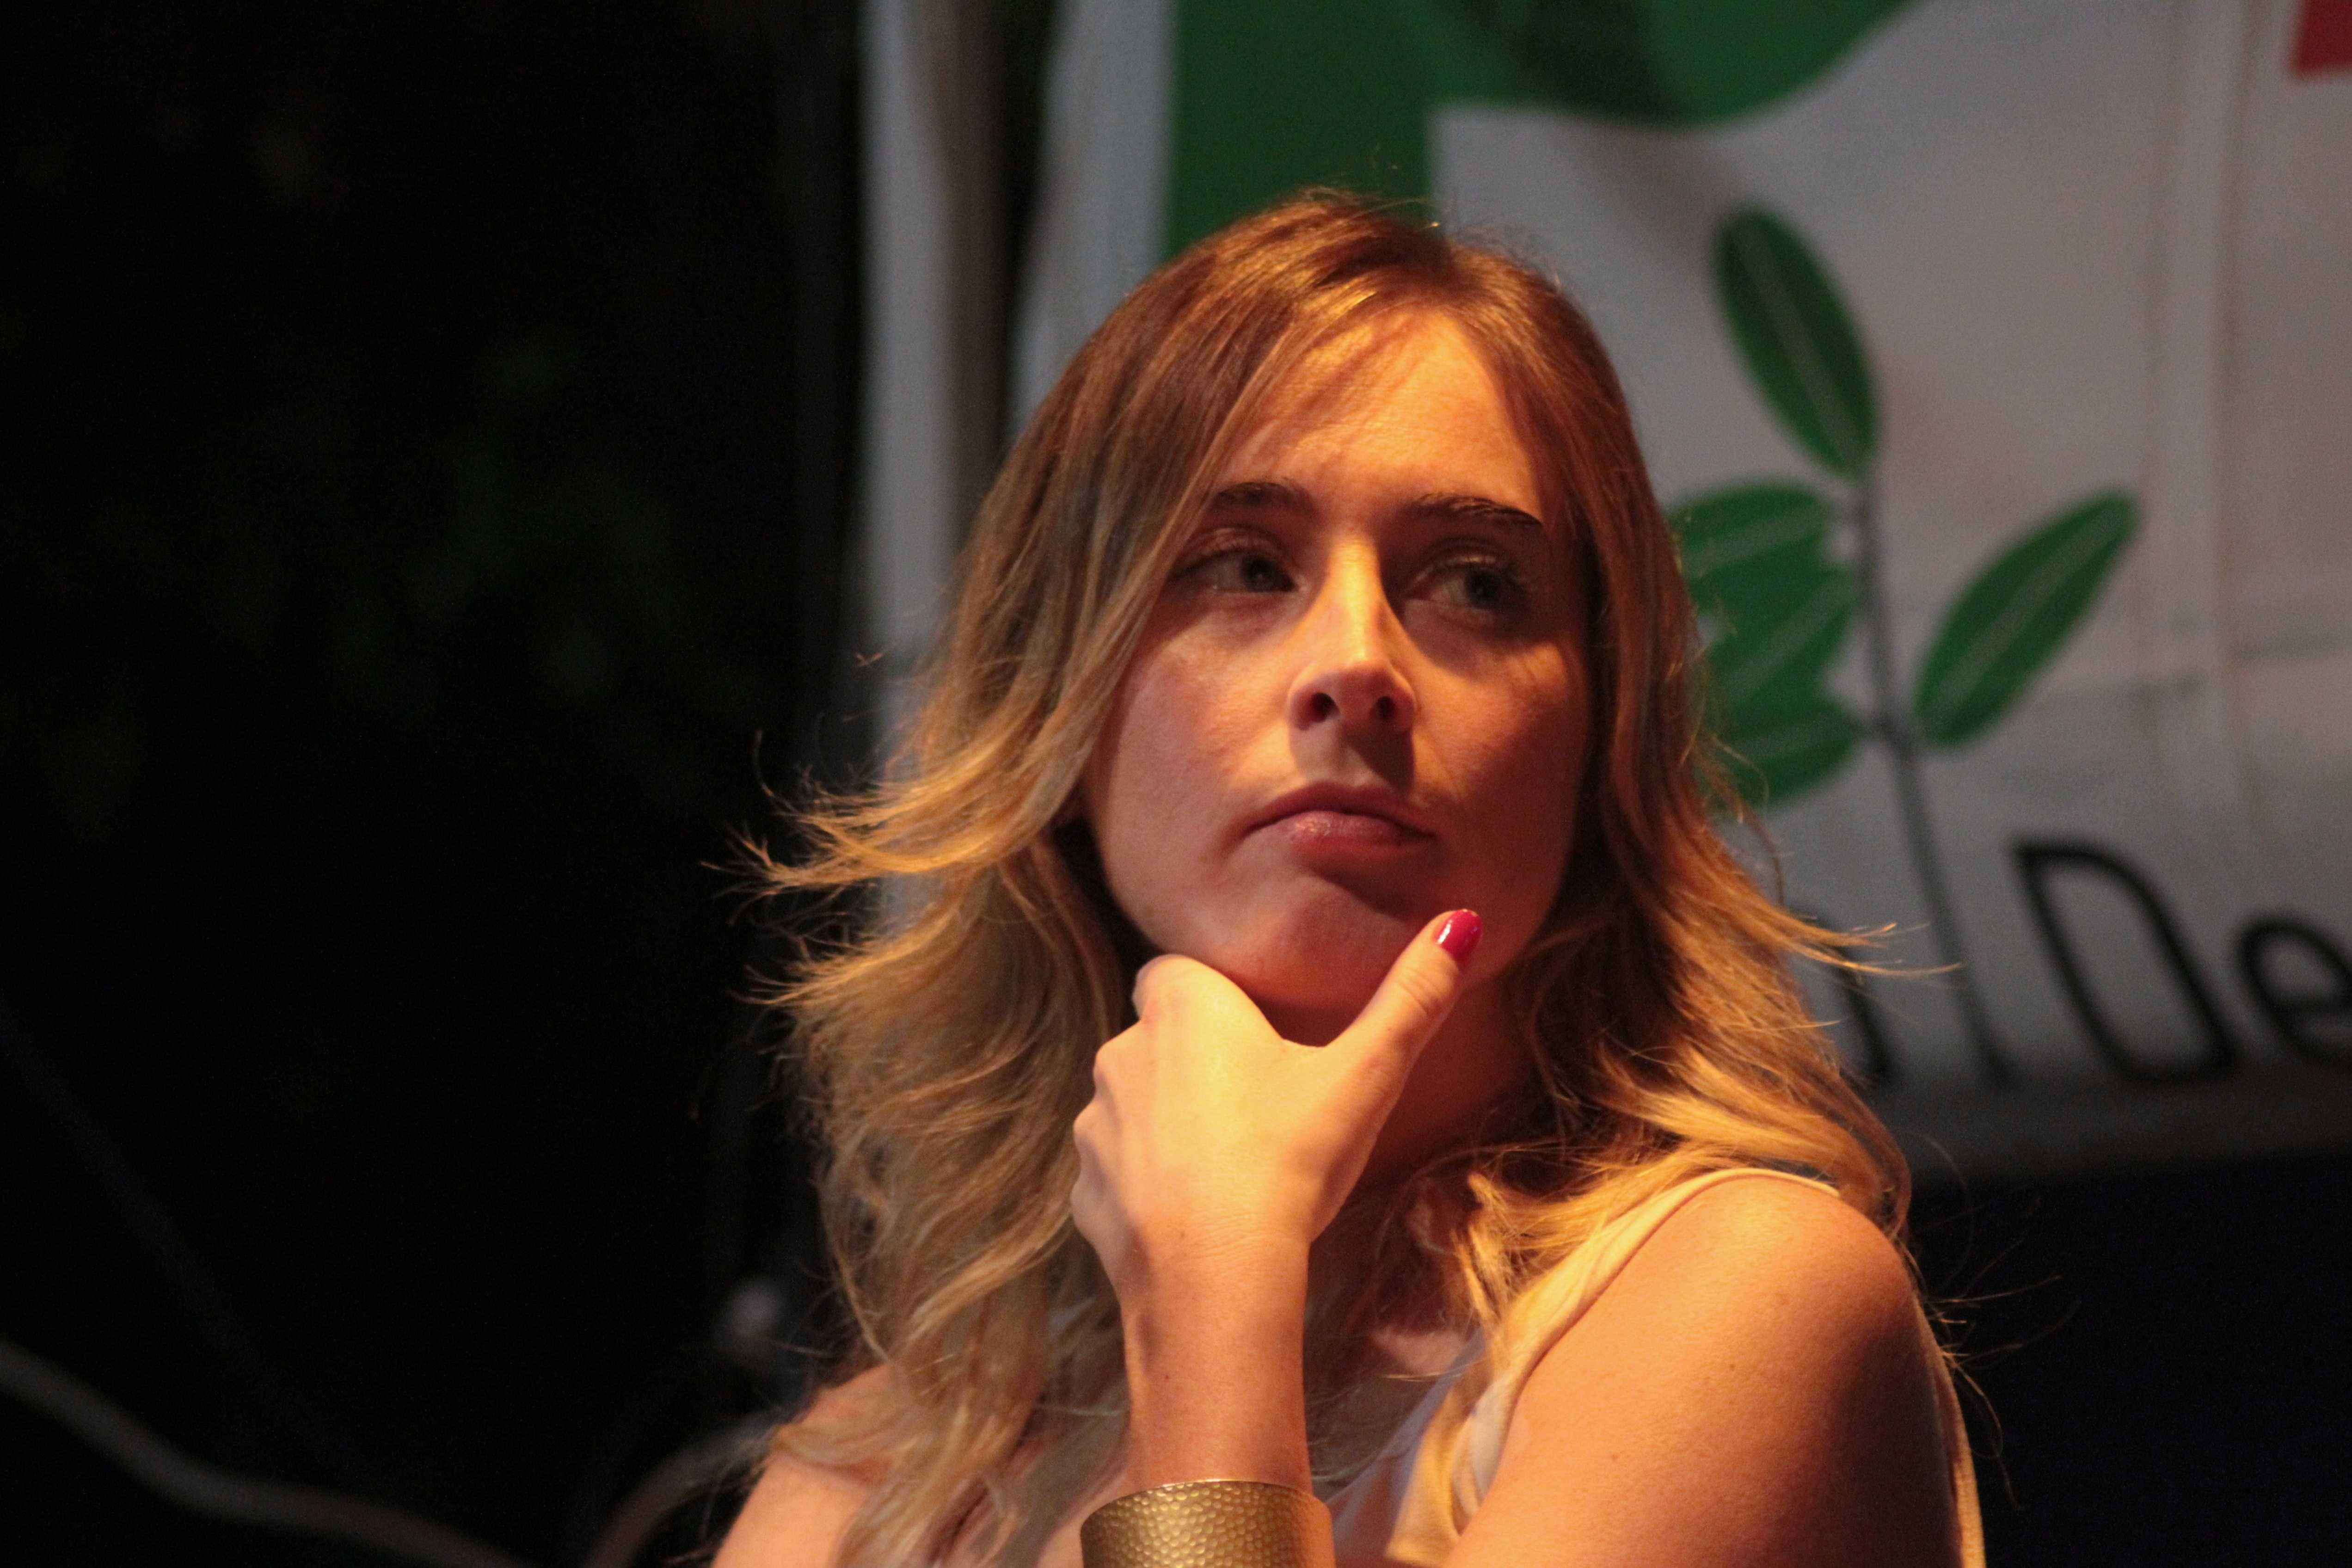 Maria Elena Boschi Ministro per le Riforme Costituzionali del governo Renzi